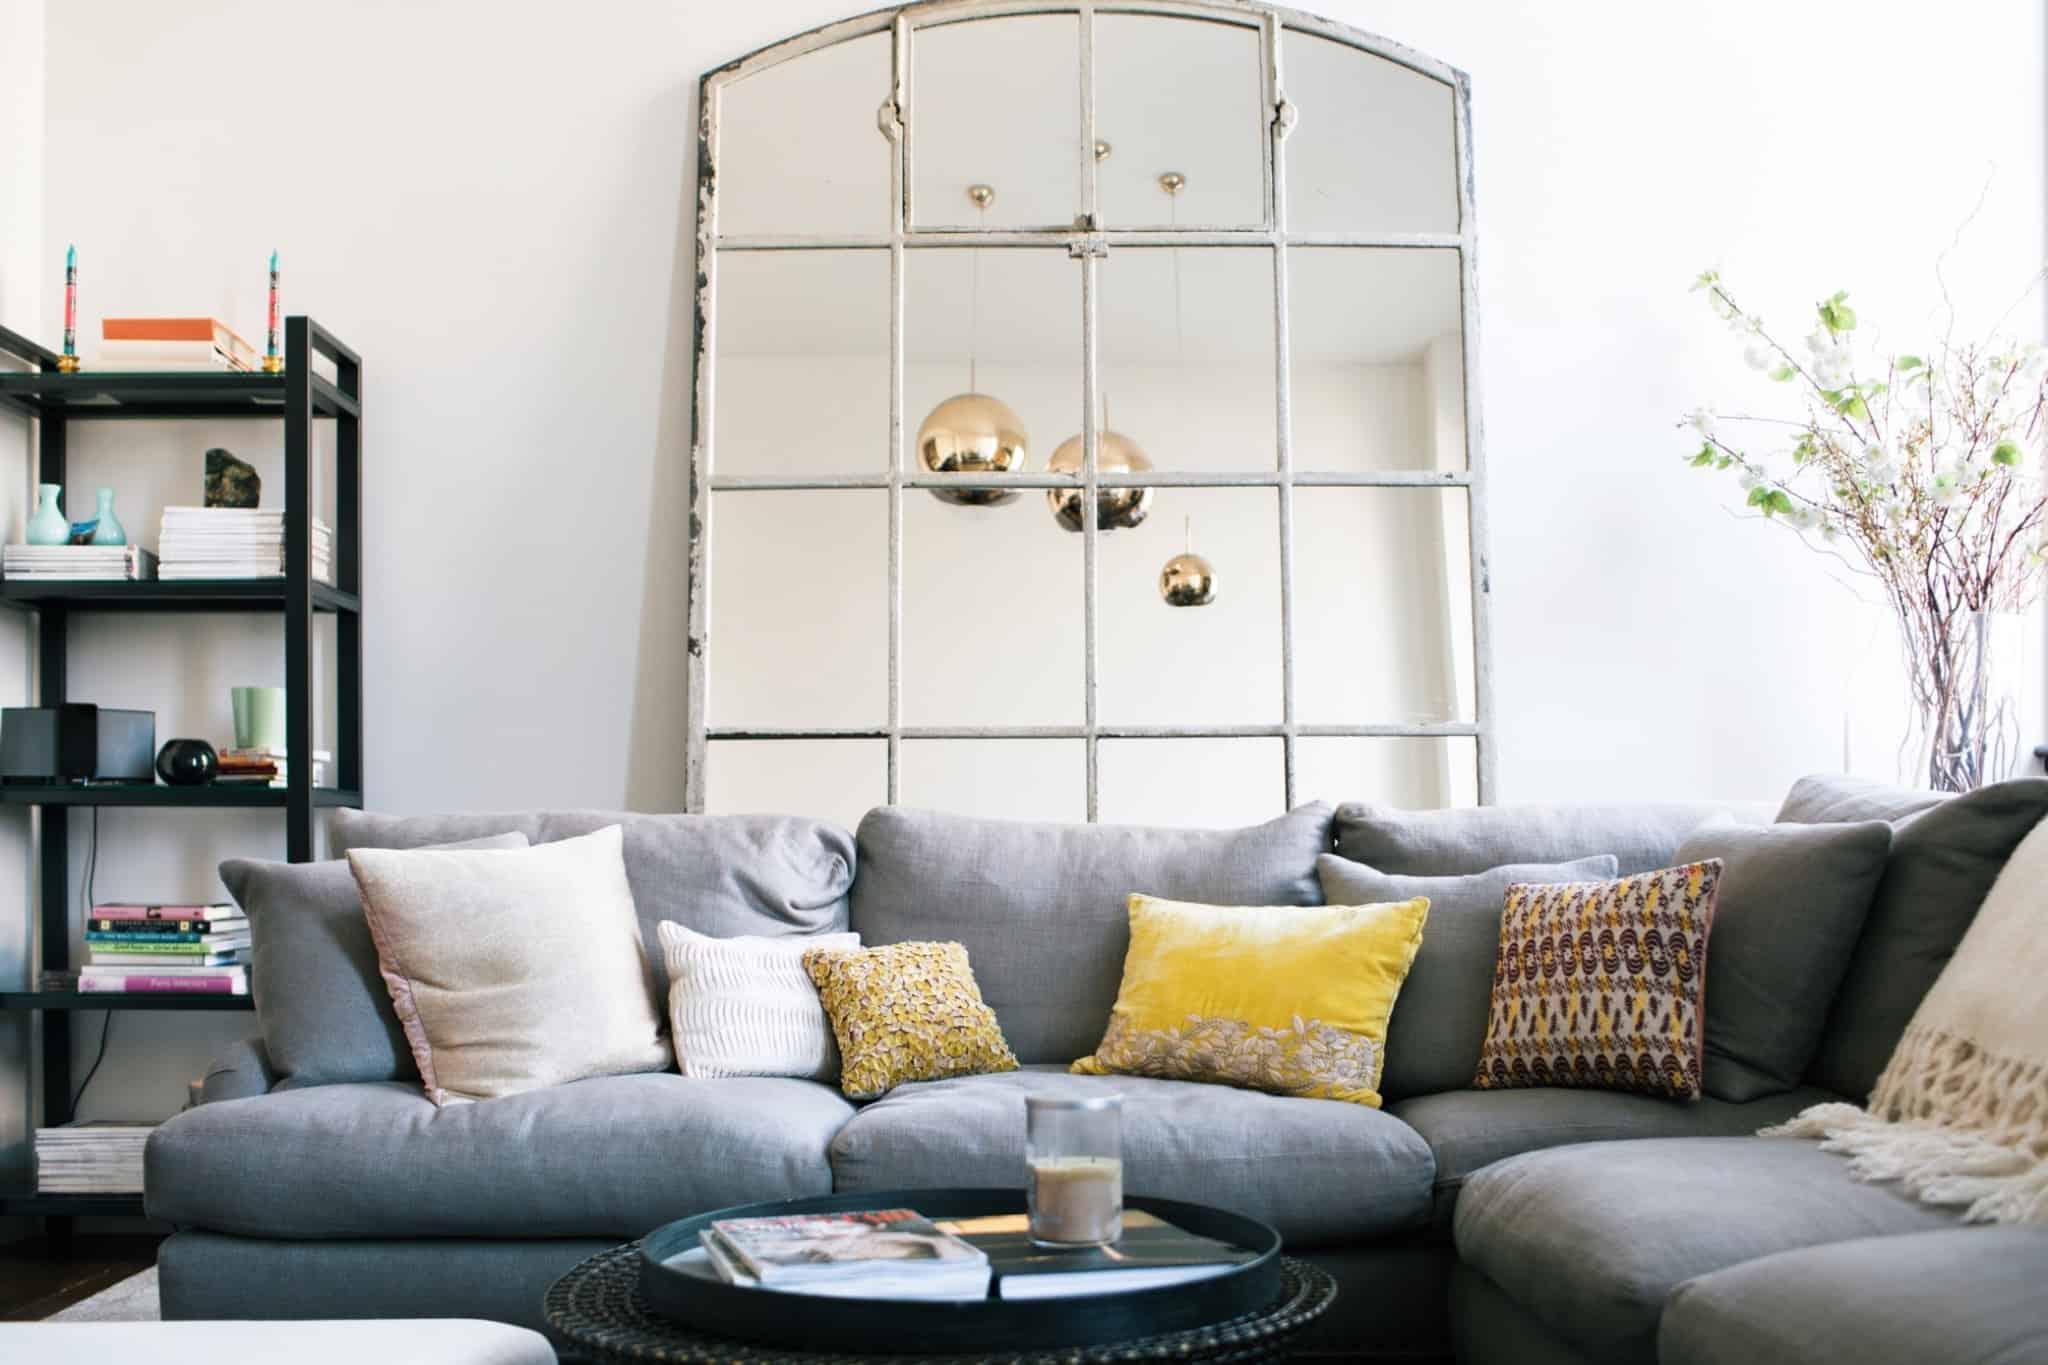 sala de estar com um sofá com vários lugares